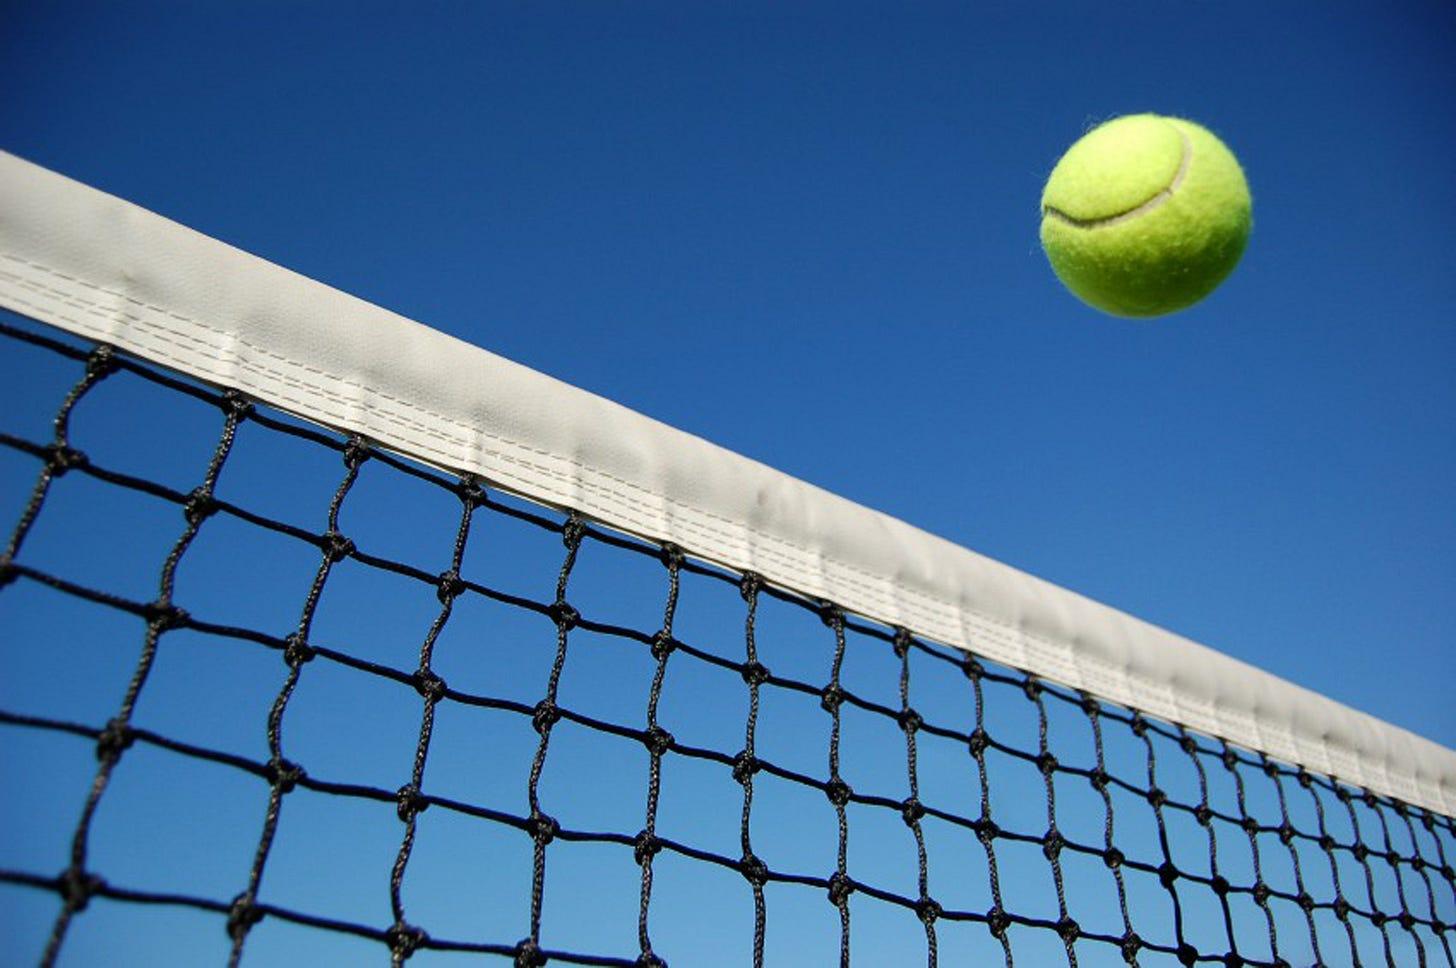 tennis-ball_net.jpg